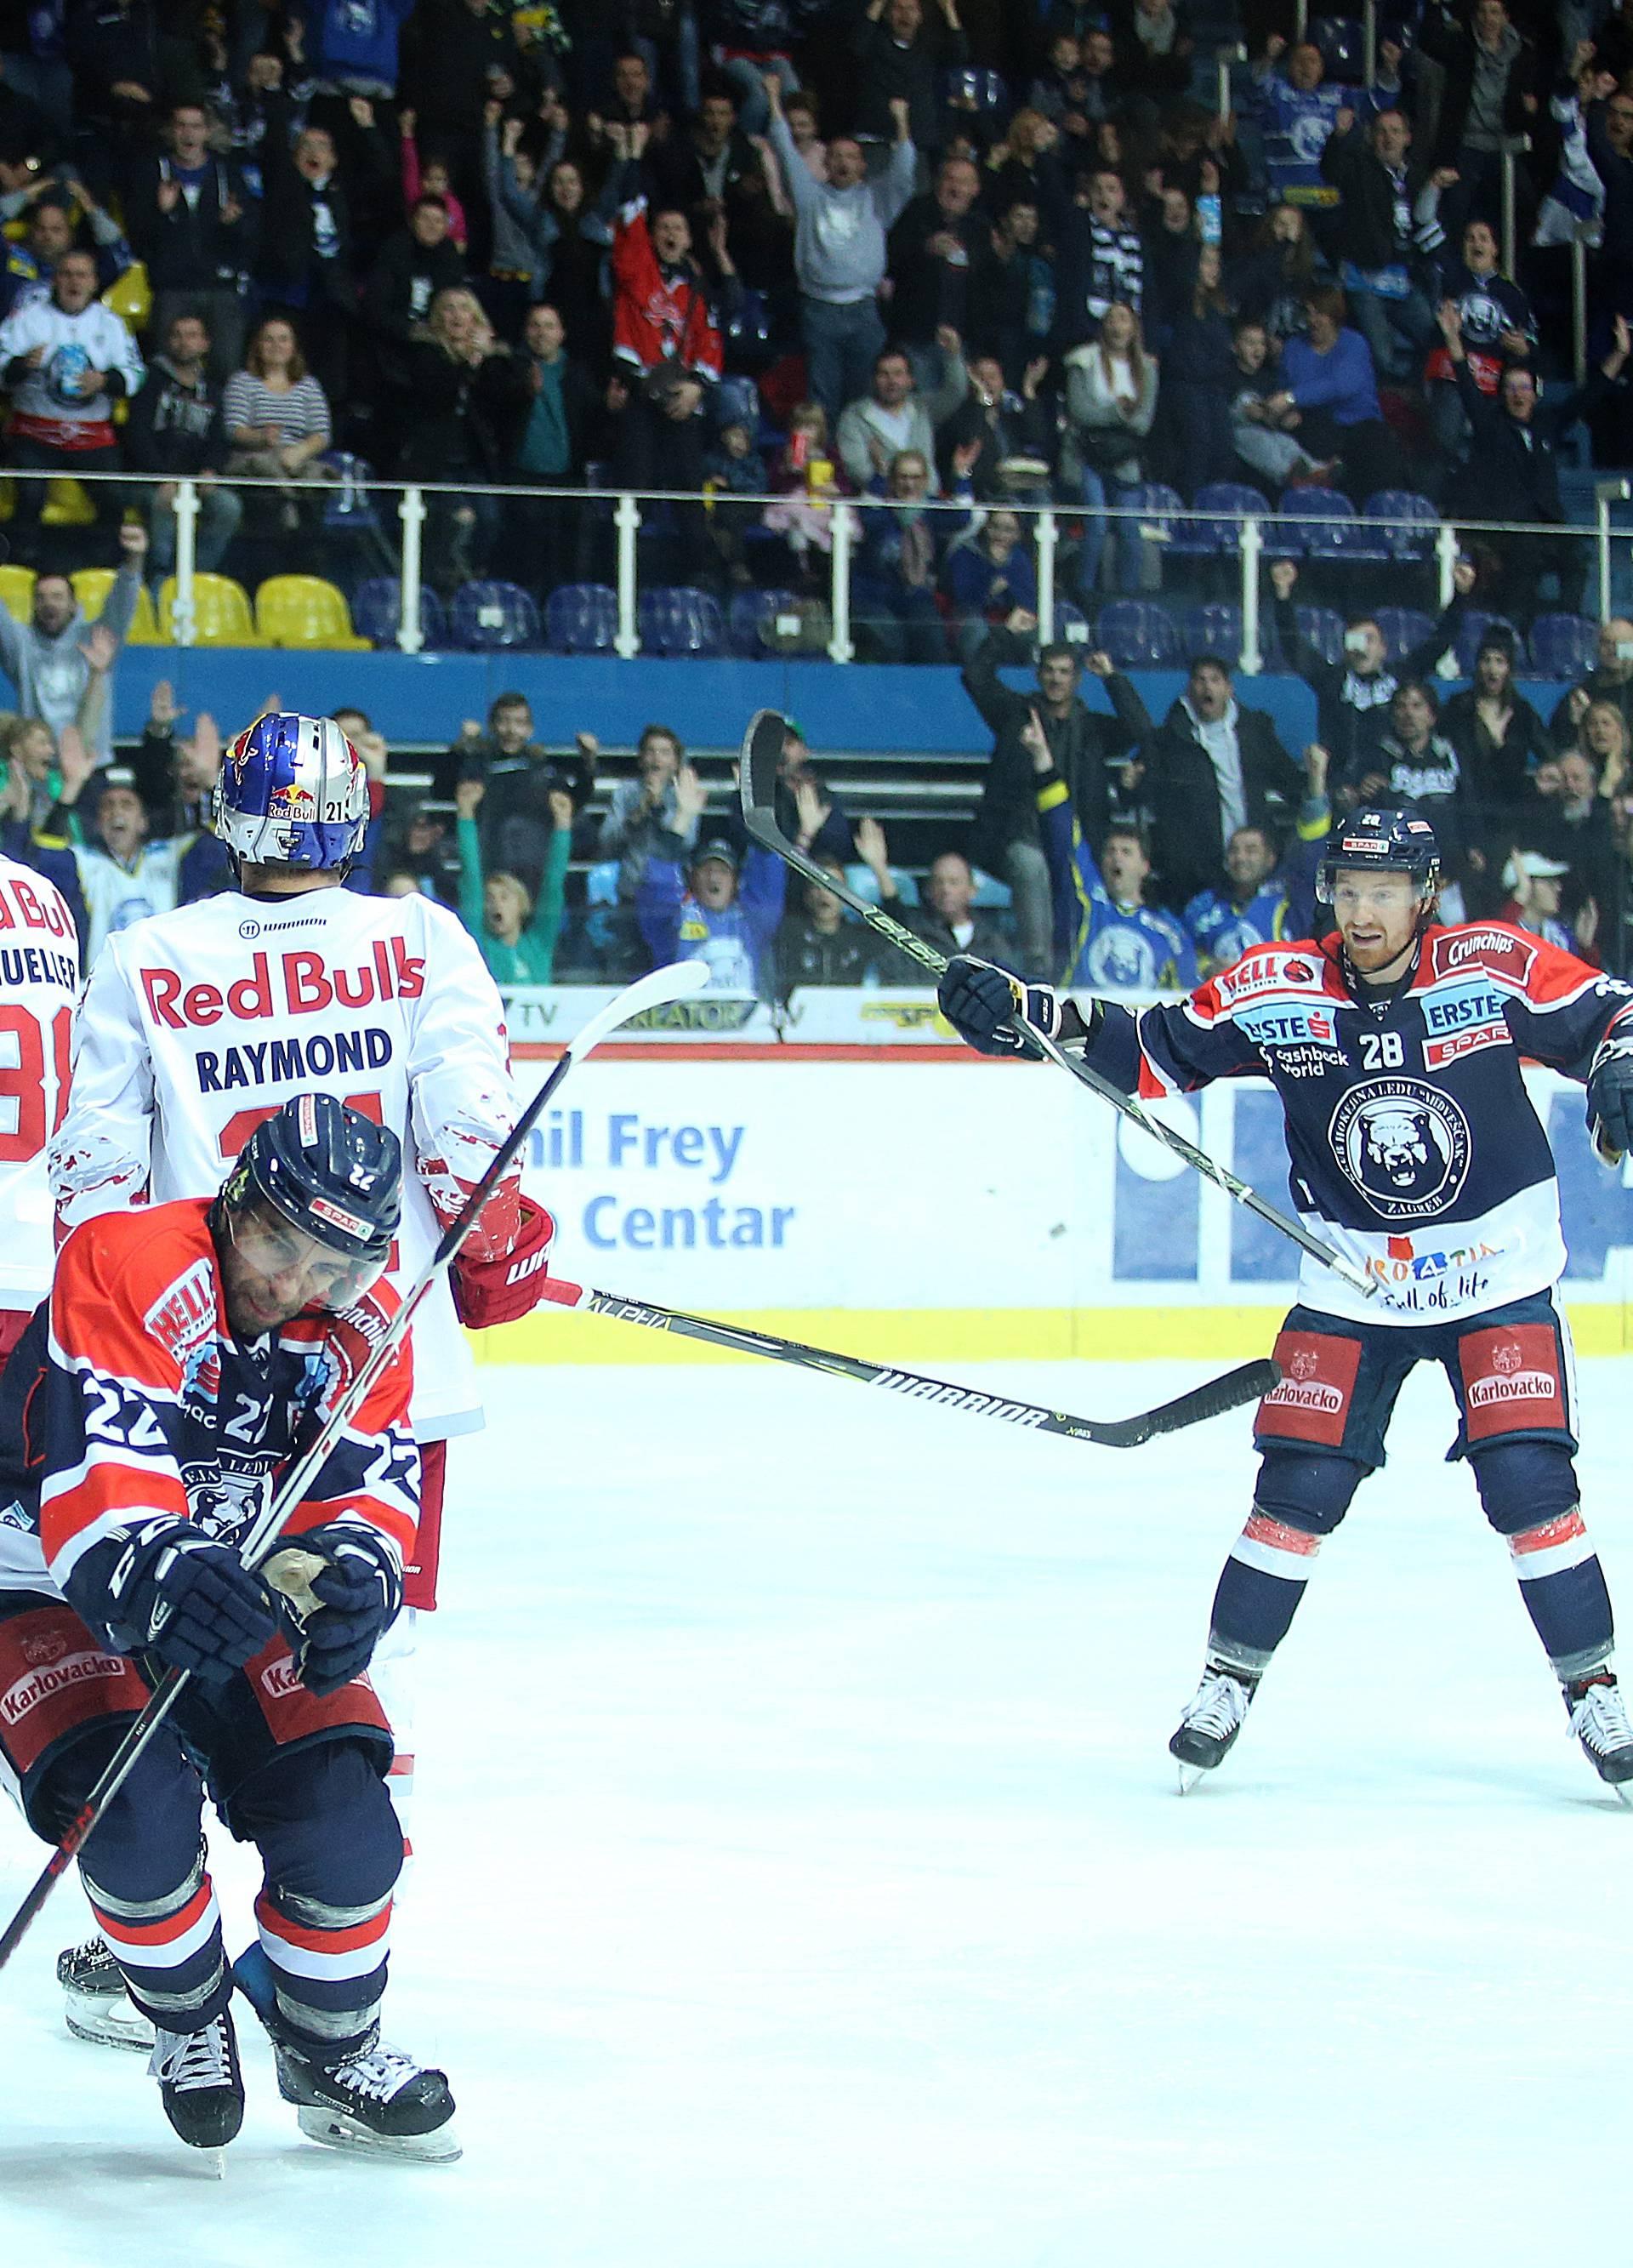 Triler u Ledenoj! Medvjedi ipak do slavlja u susretu s 9 golova